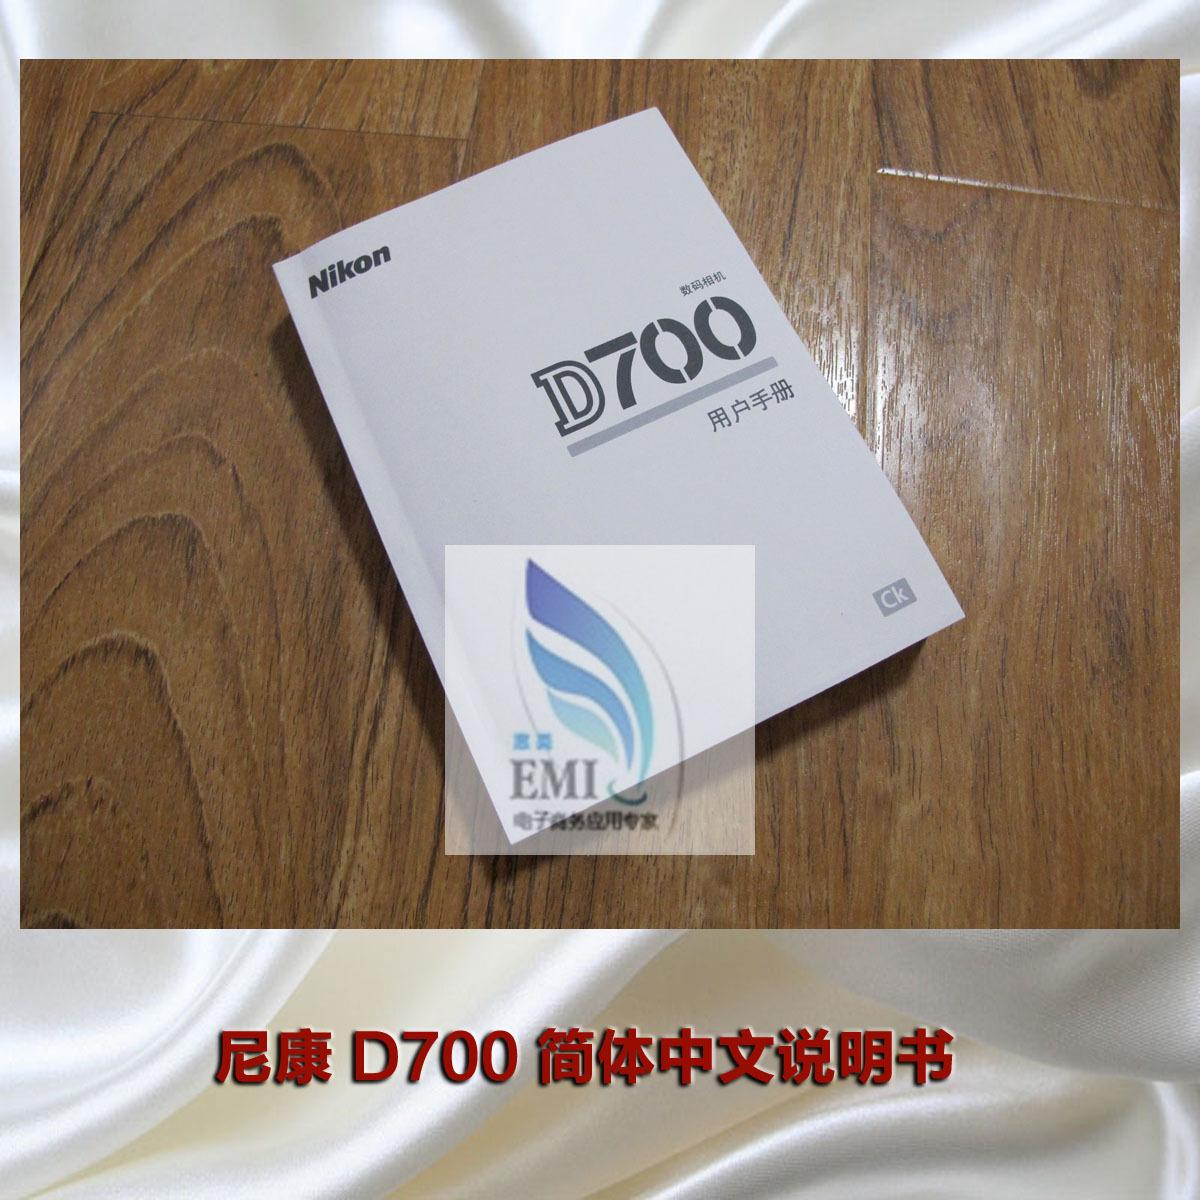 尼康数码单反相机 D700 说明书 简体中文版使用手册